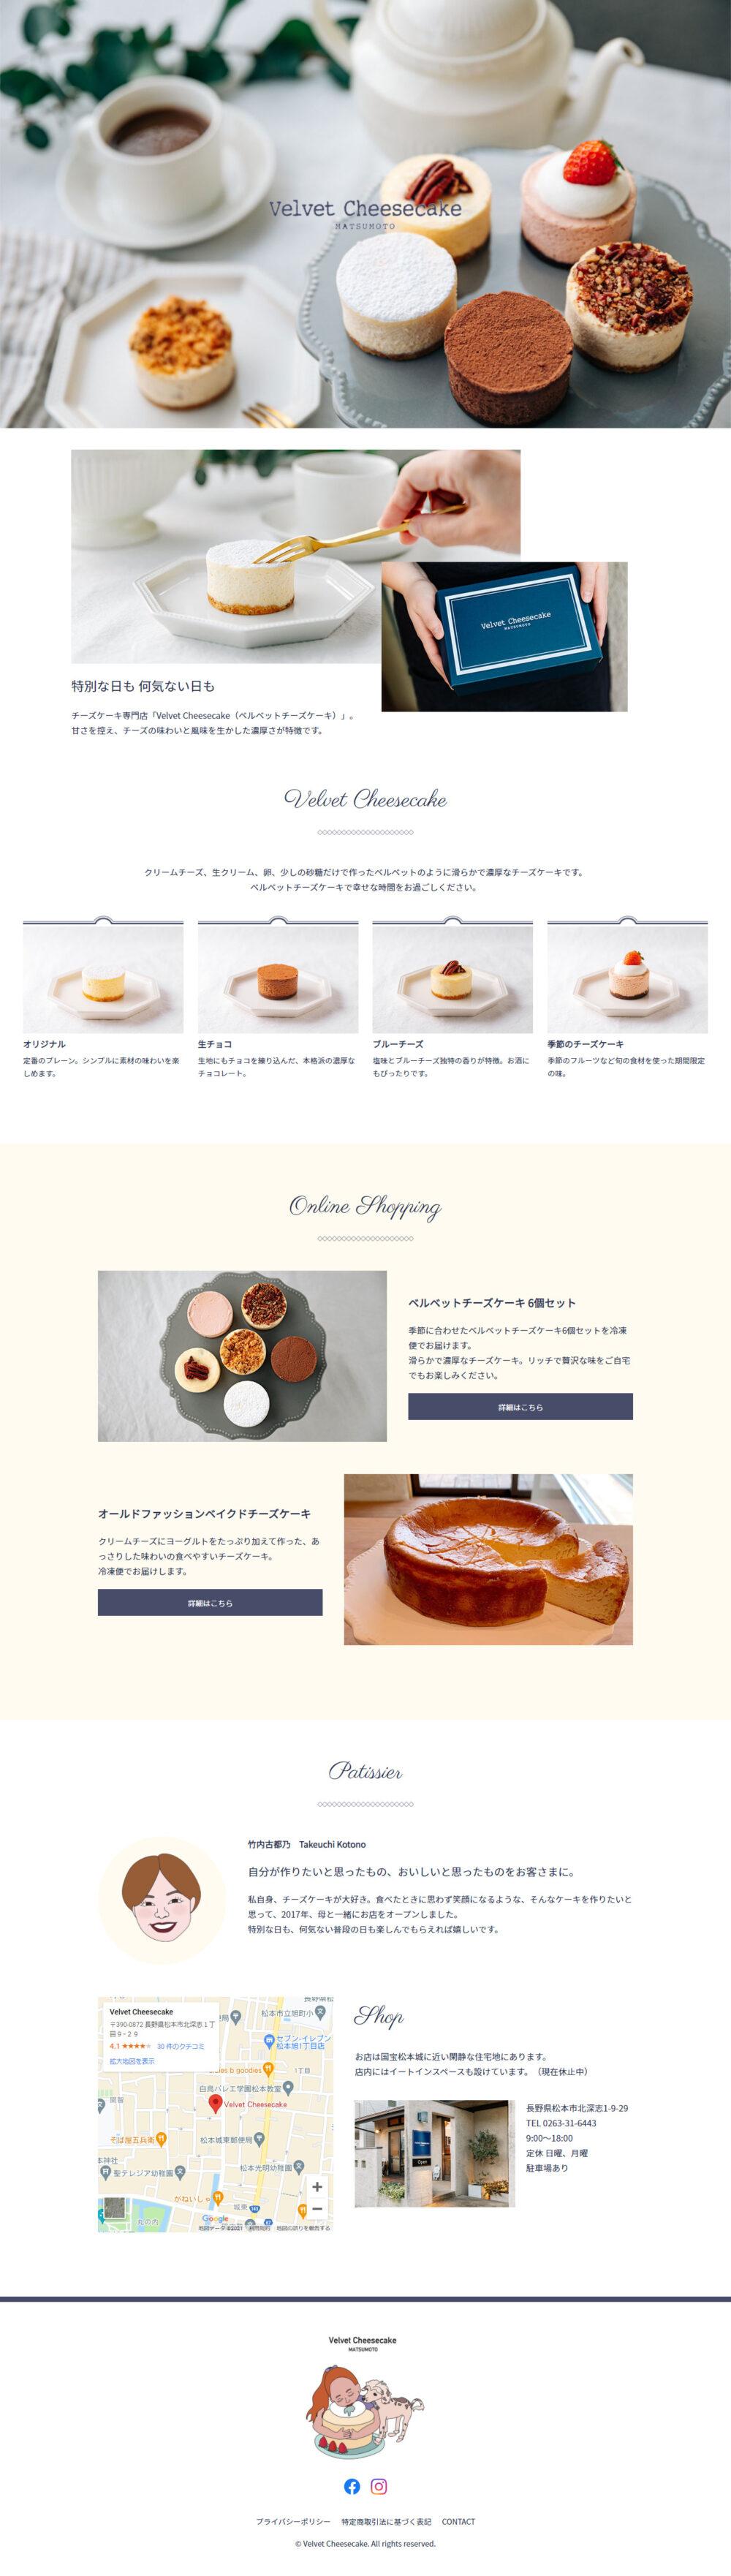 Velvet Cheesecake